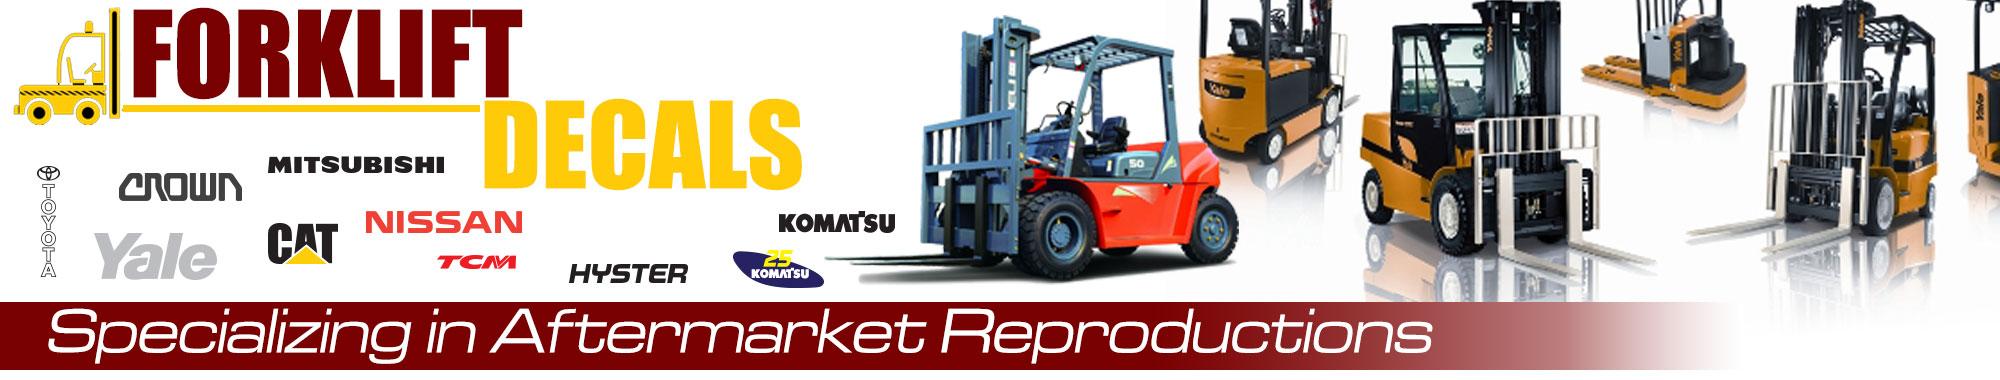 Forklift-Decals